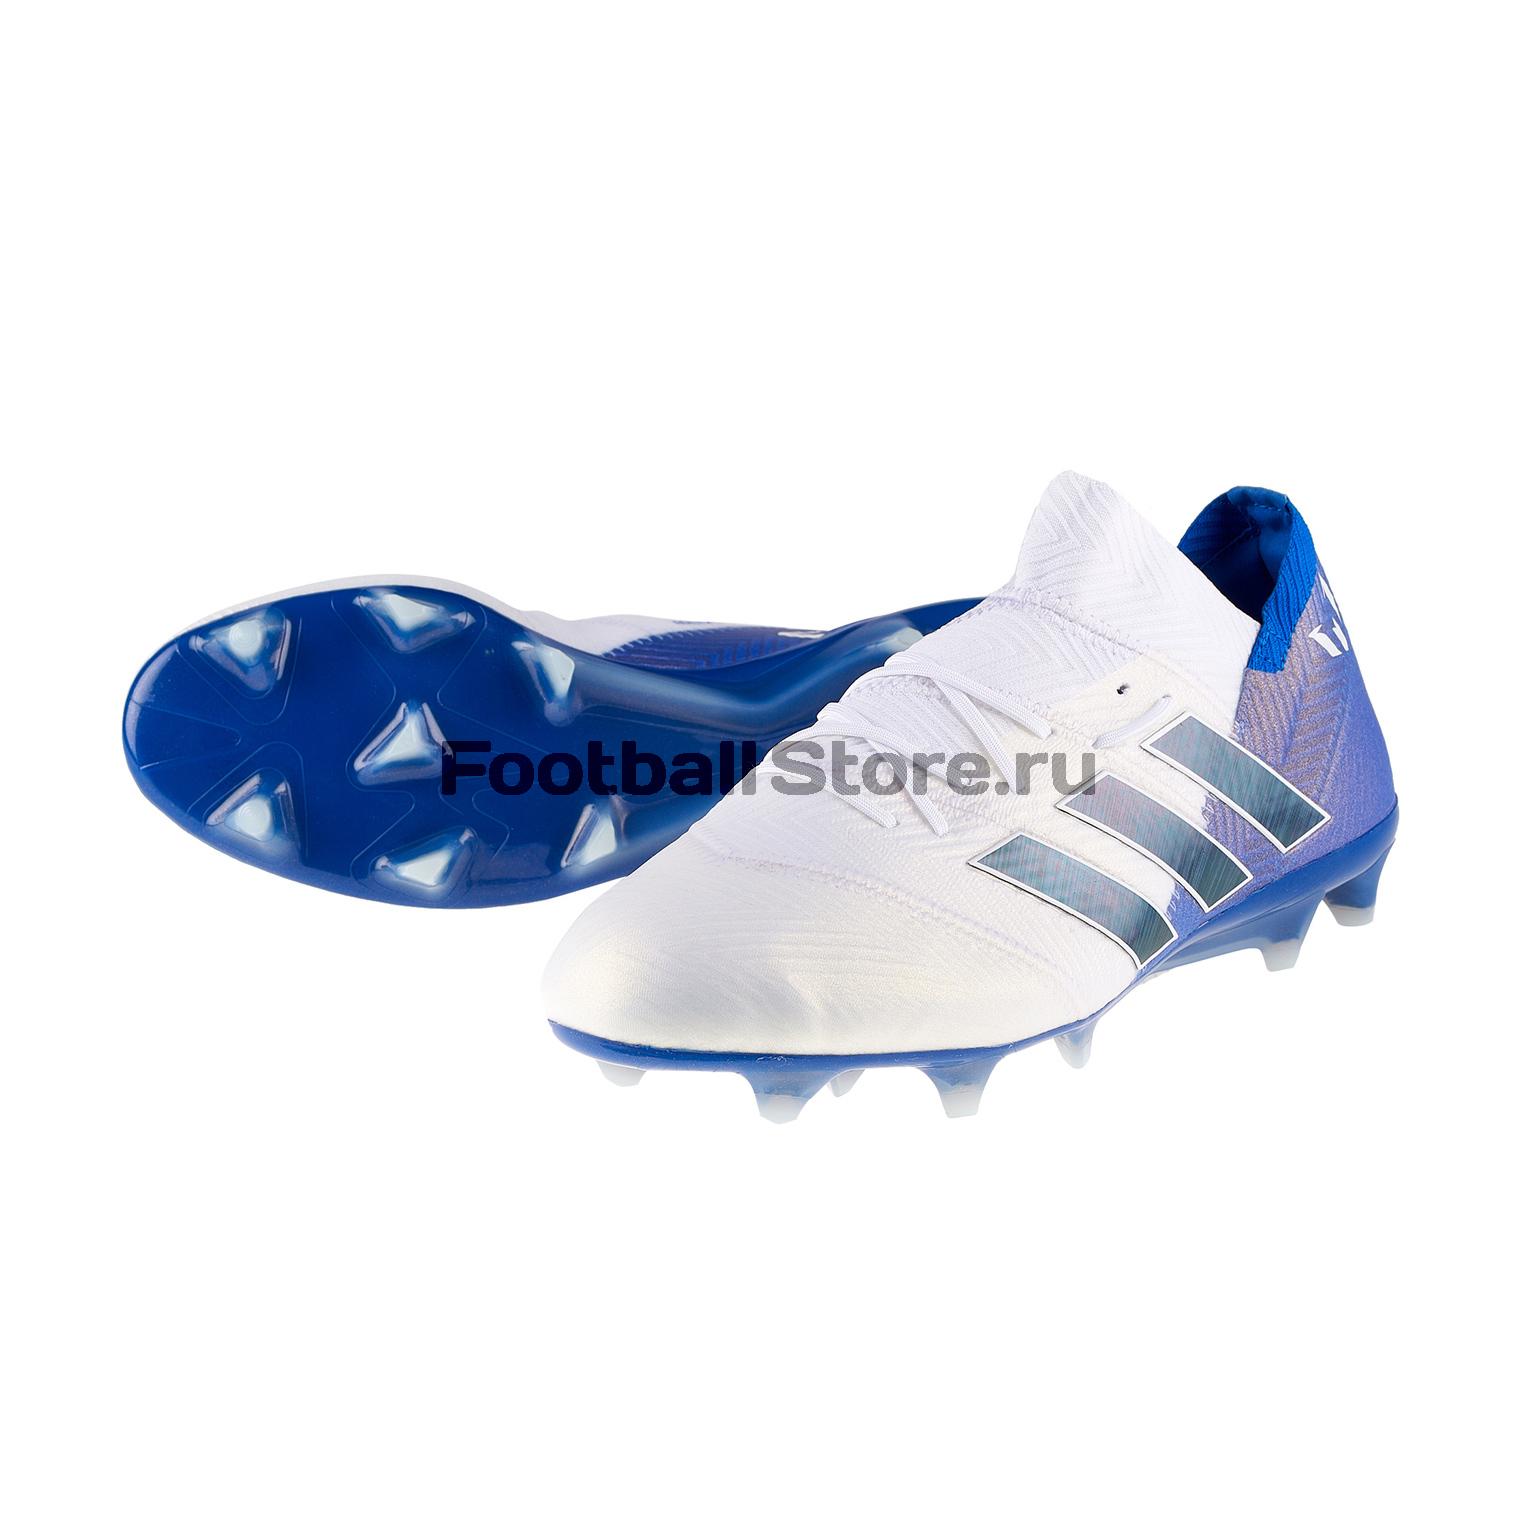 Бутсы Adidas Nemeziz Messi 18.1 FG DB2088 цена